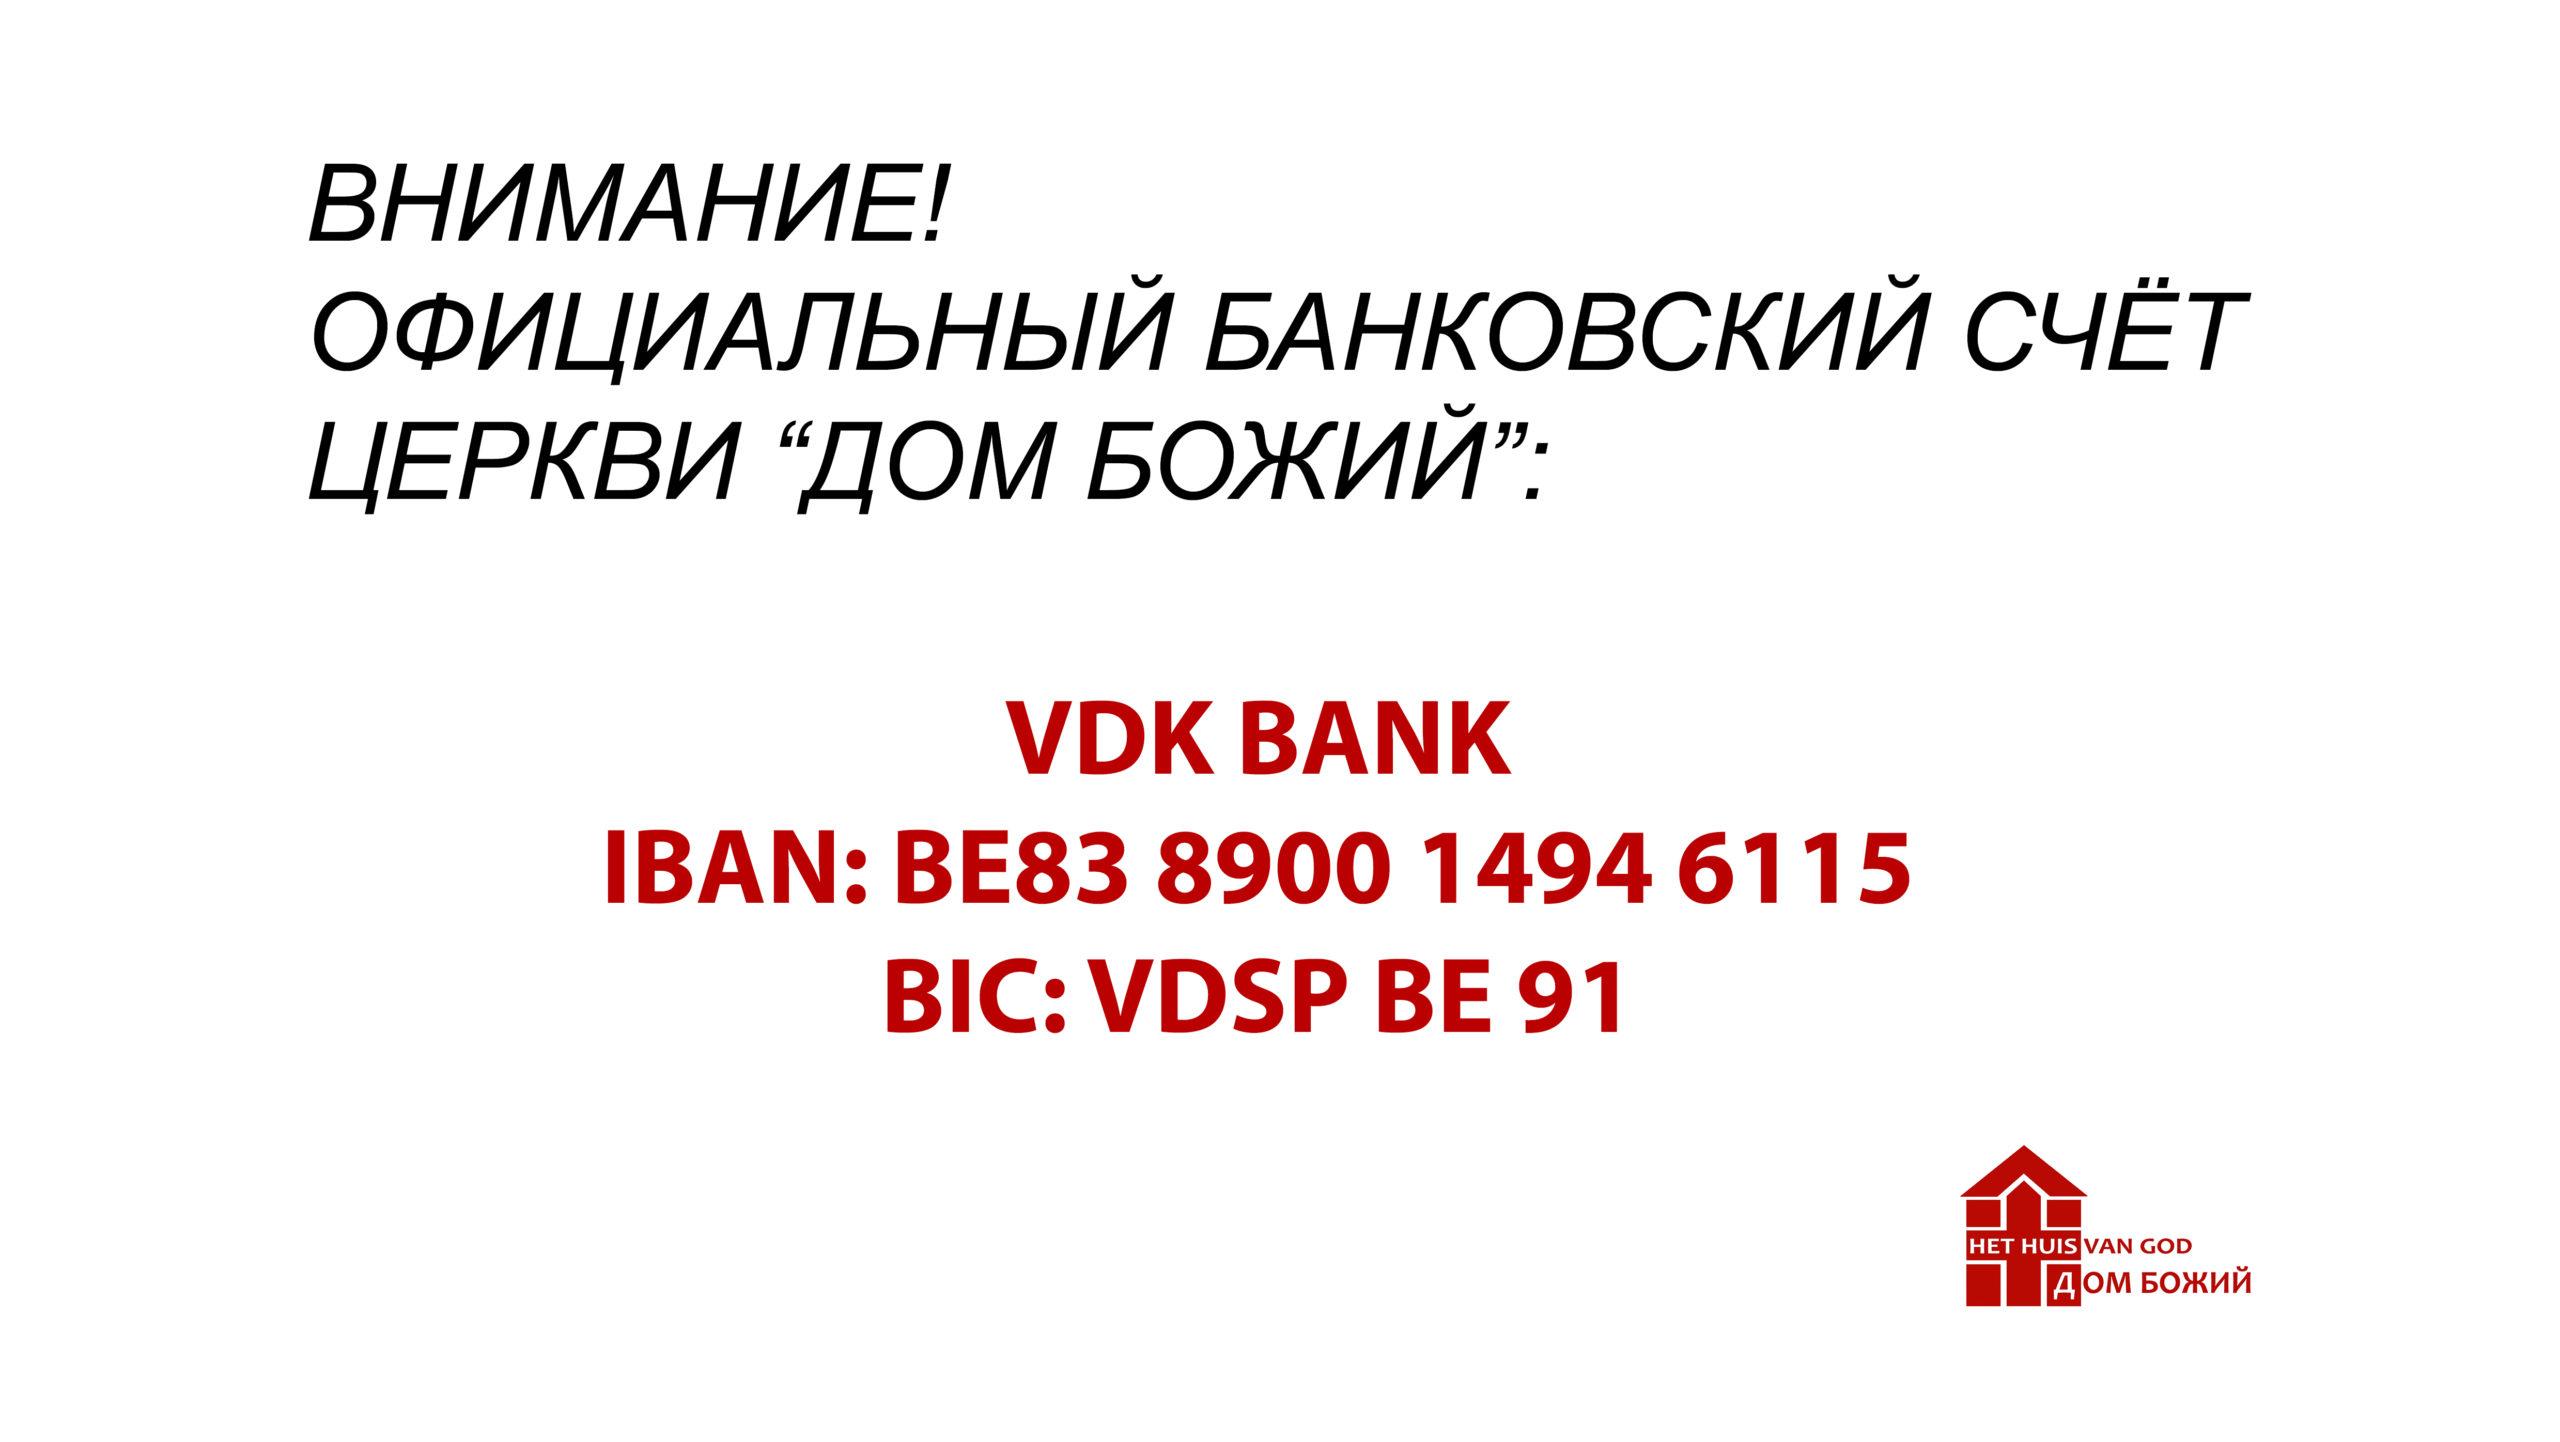 """Официальный банковский счёт церкви """"Дом Божий"""""""